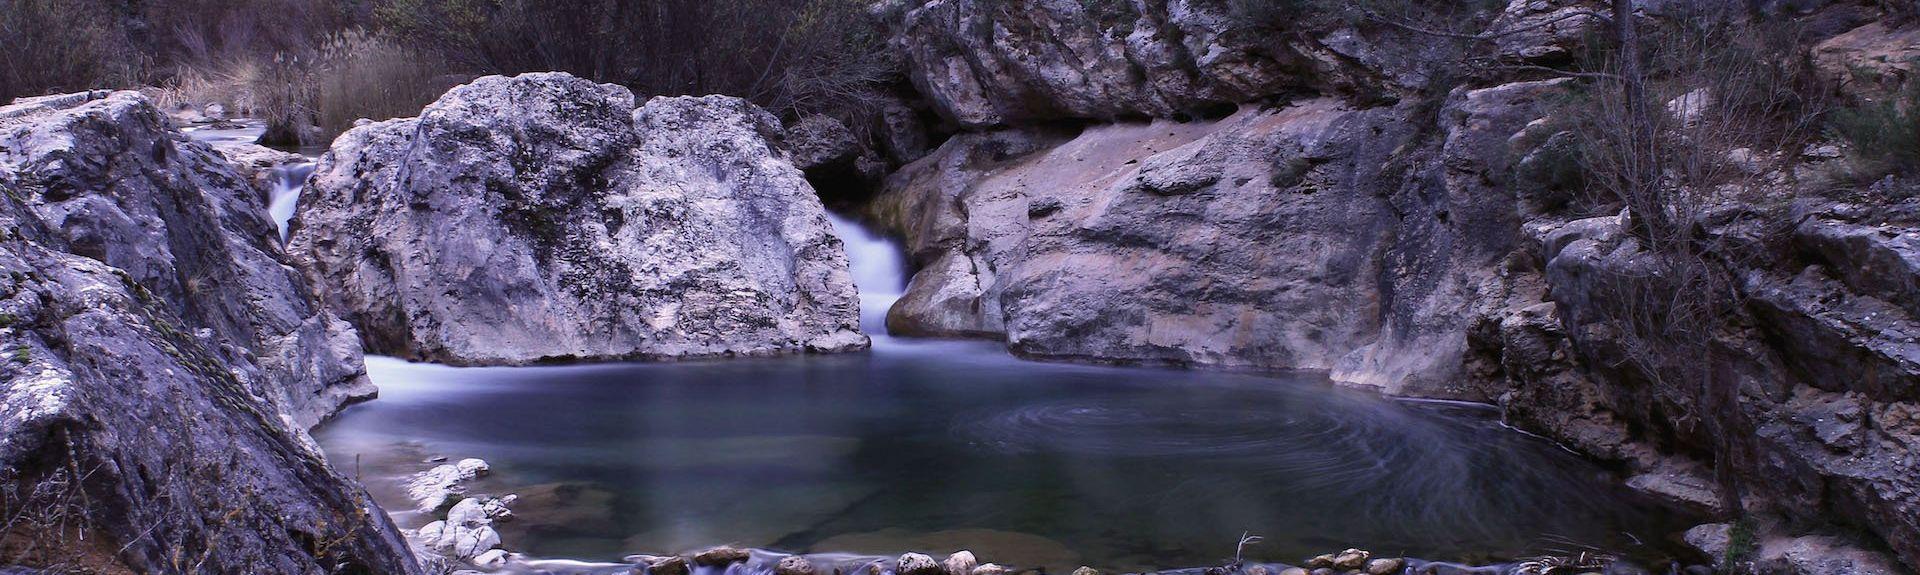 Siles, Andalousie, Espagne